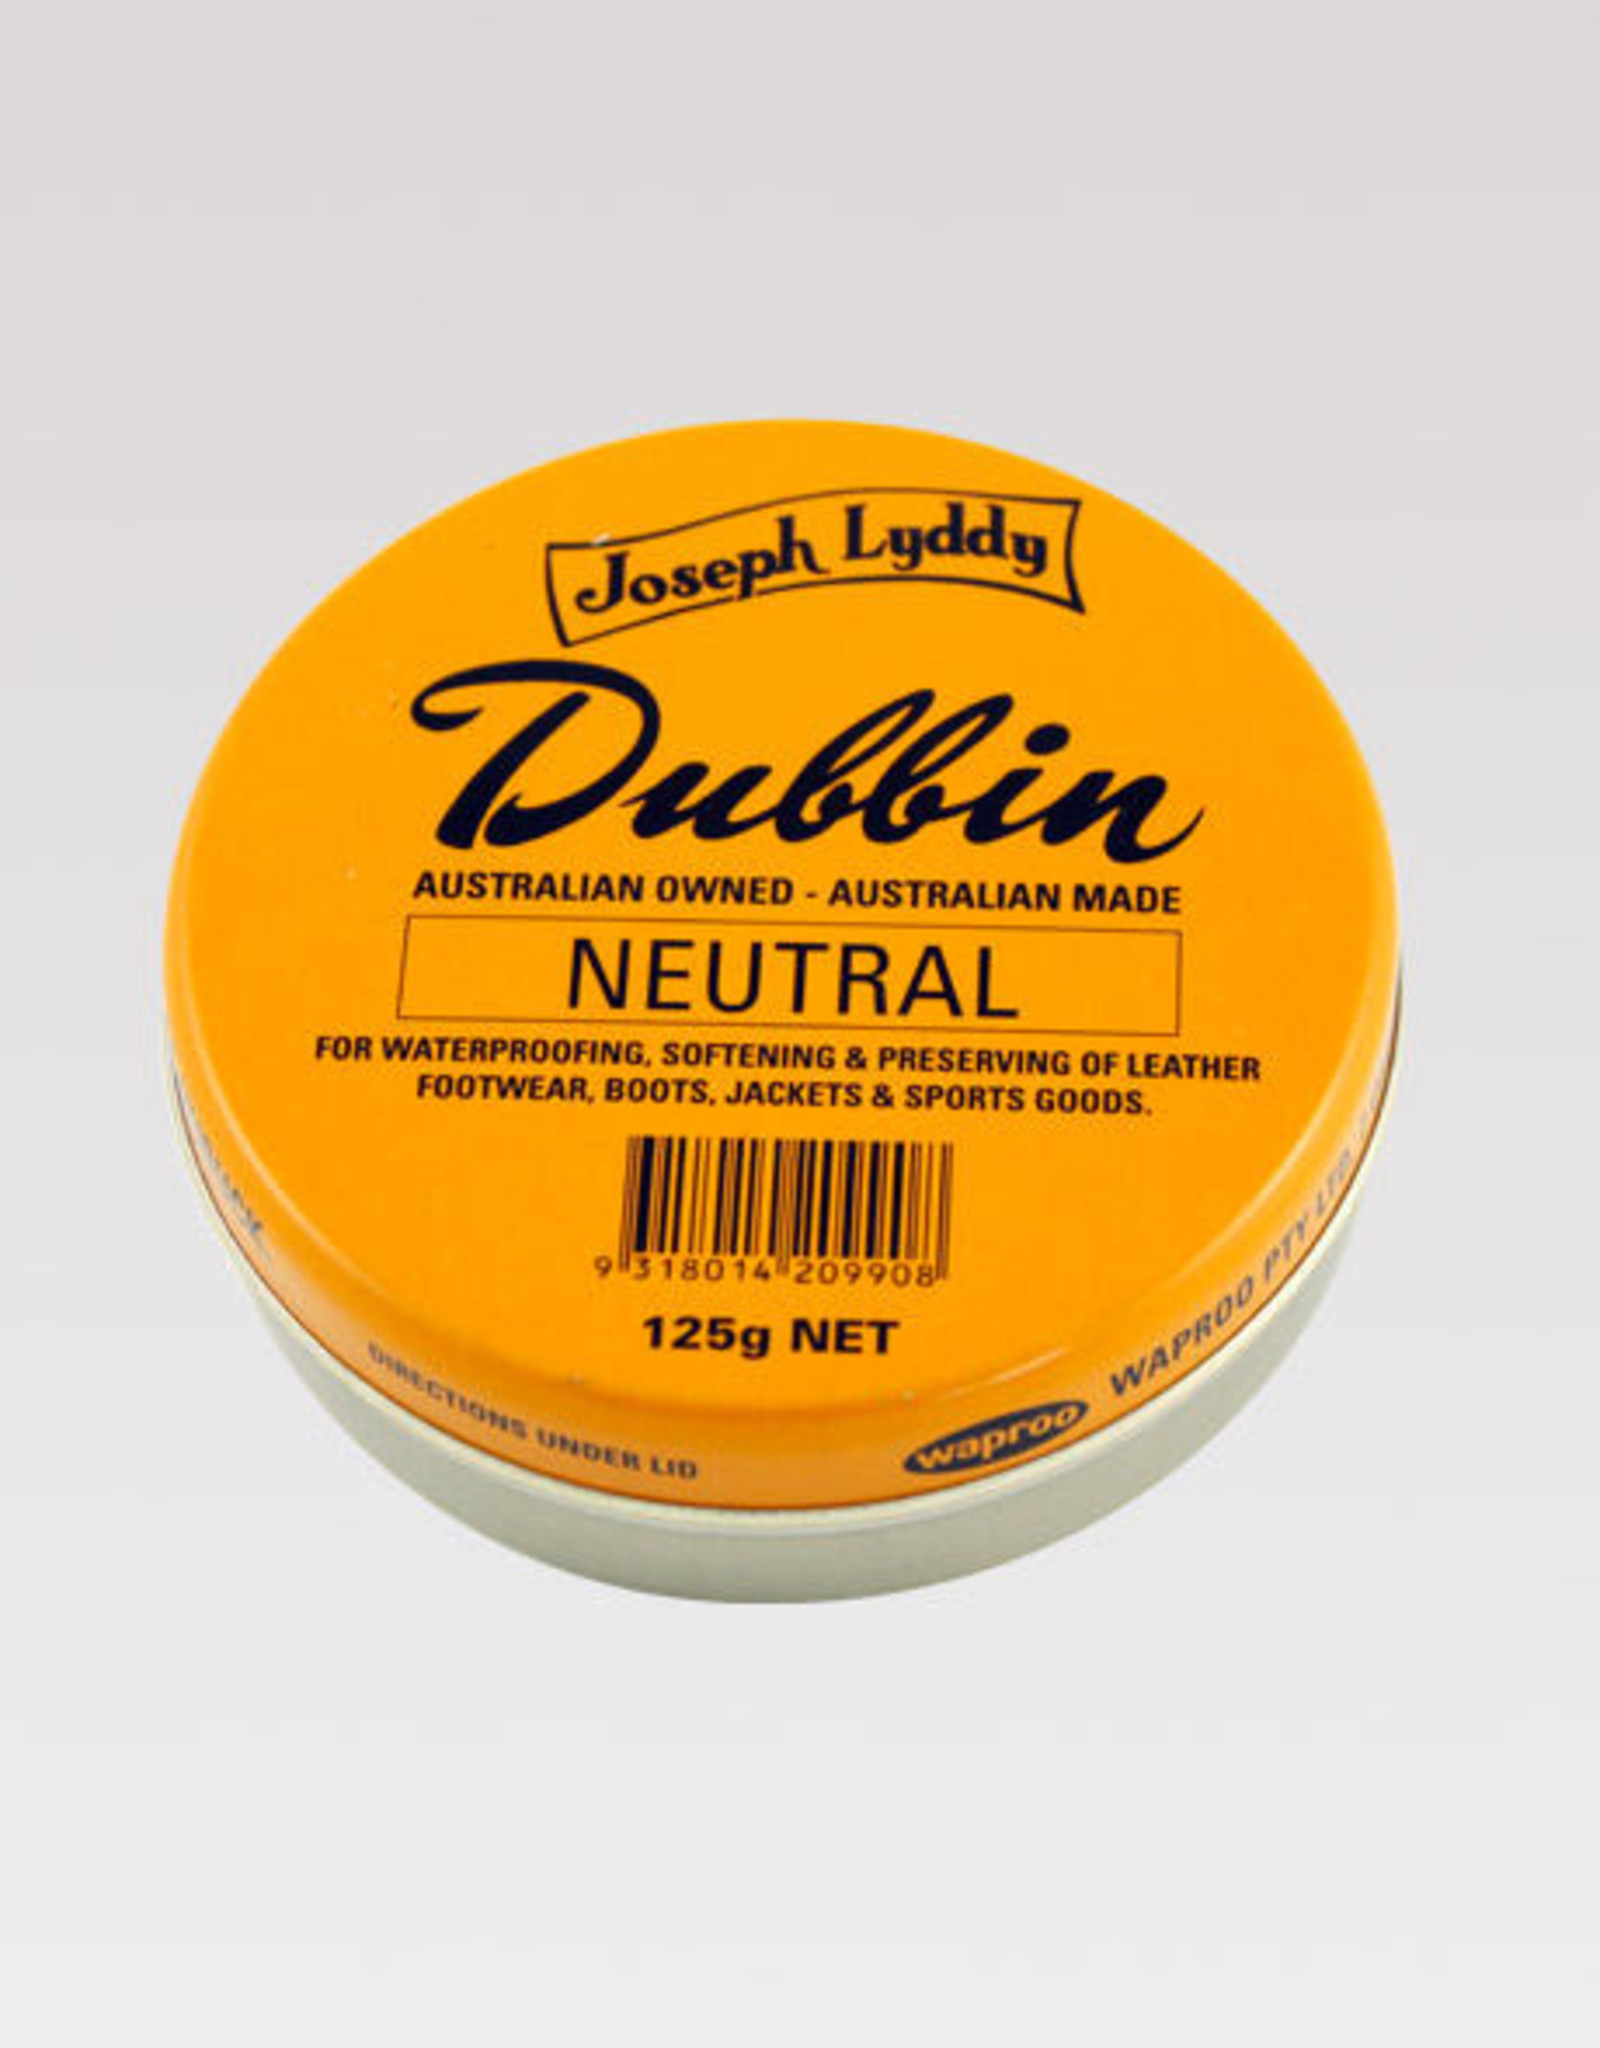 Joseph Lyddy Joseph Lyddy Dubbin Waterproofing